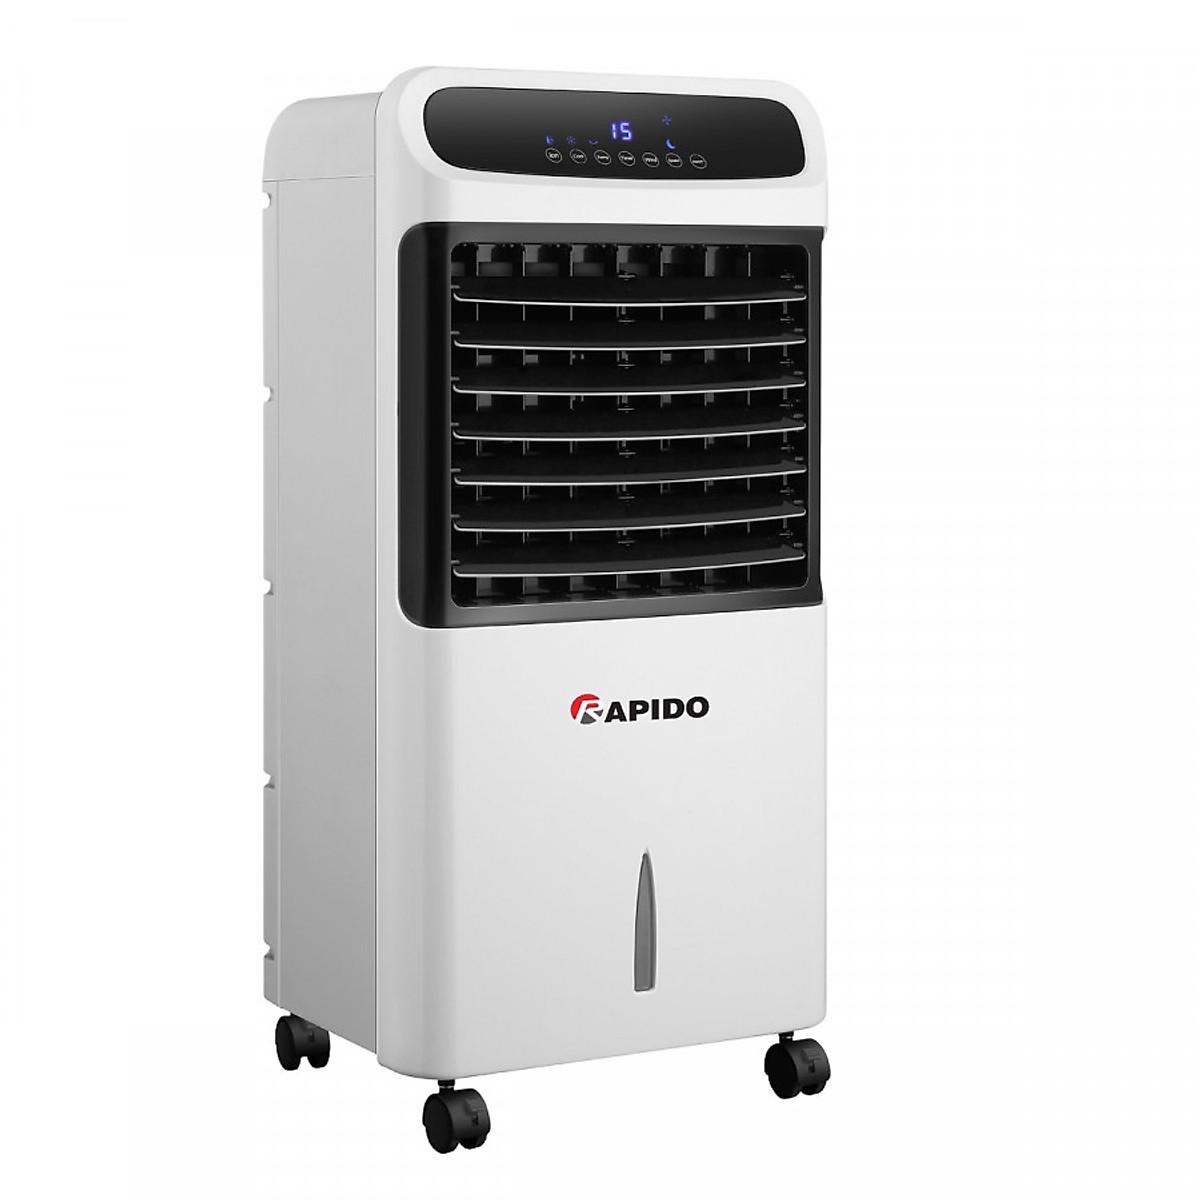 Quạt điều hòa không khí Rapido RAC080-D - Hàng chính hãng